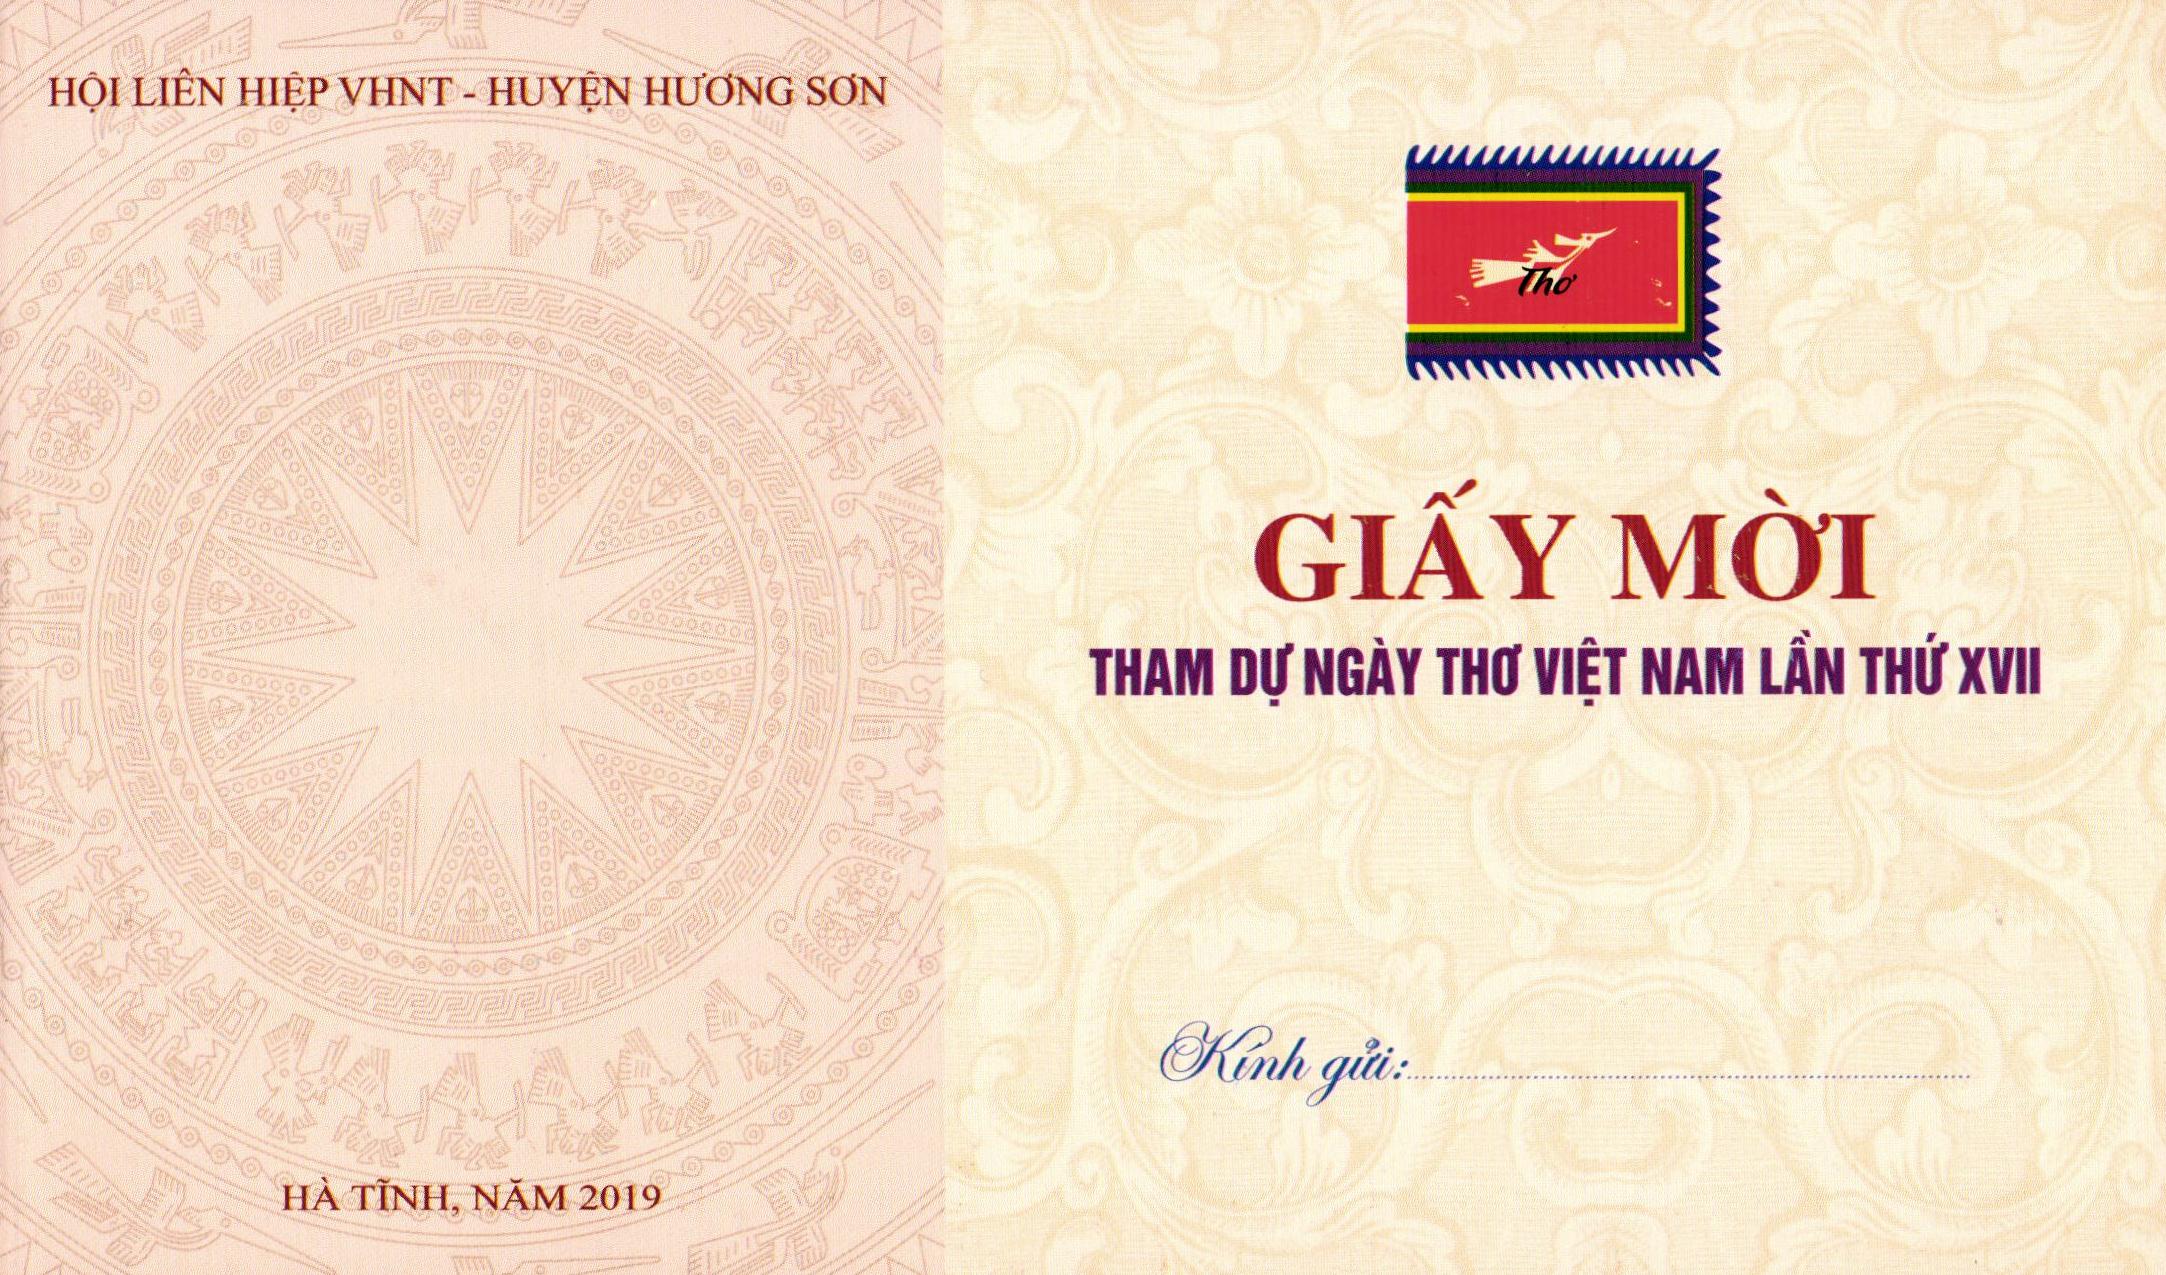 Giấy mời tham dự Ngày thơ Việt Nam tại Hà Tĩnh lần thứ XVII